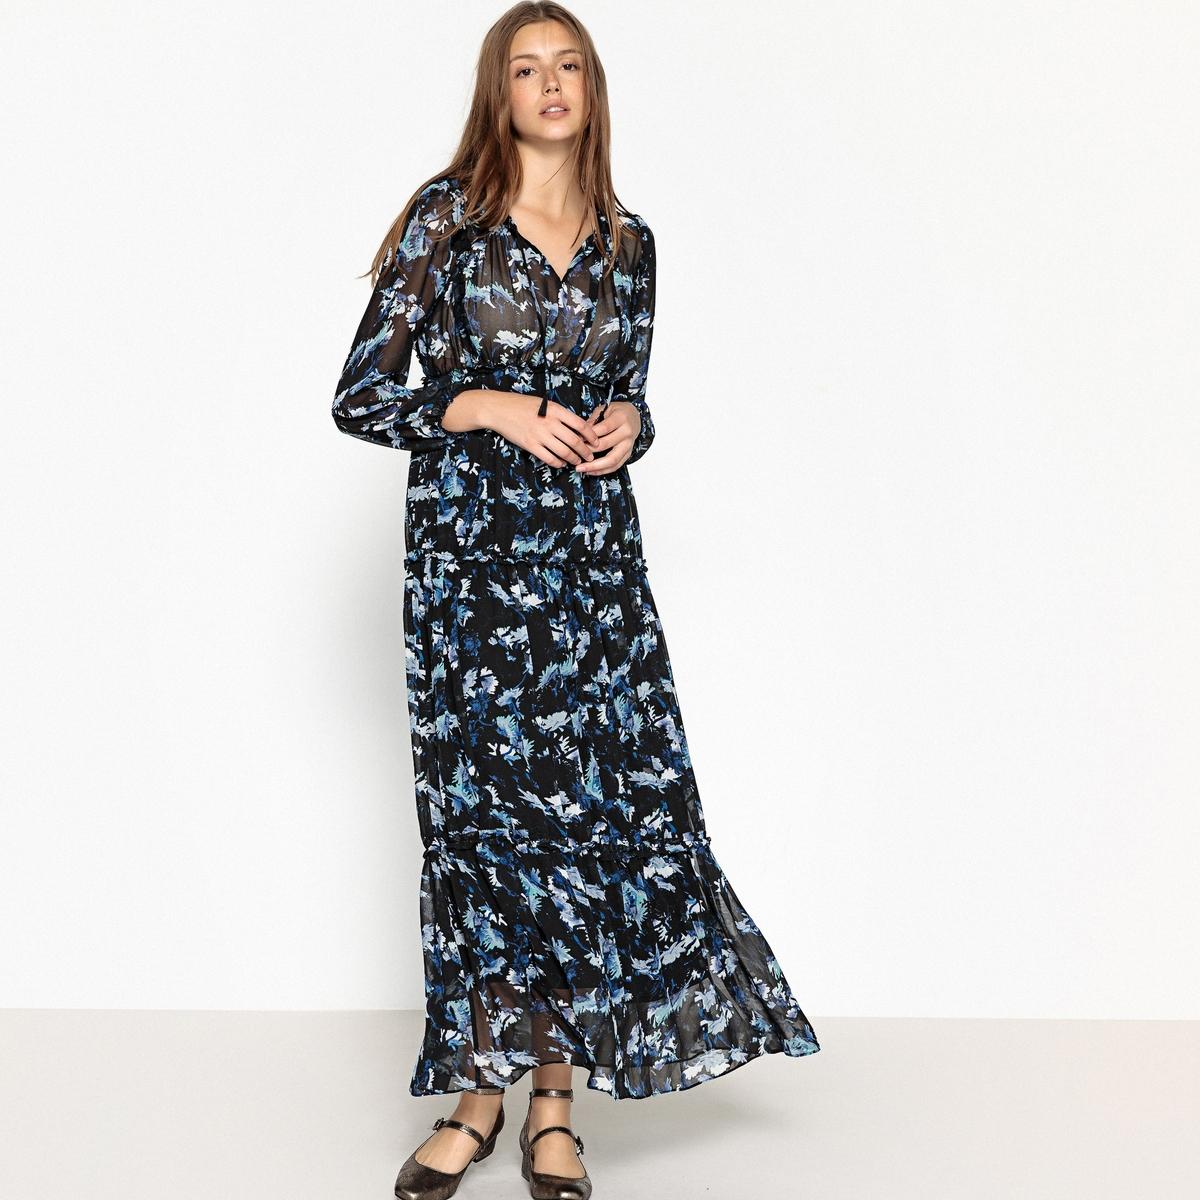 Платье La Redoute Длинное с цветочным принтом CHLOE XS черный туфли la redoute на среднем каблуке с питоновым принтом 36 каштановый